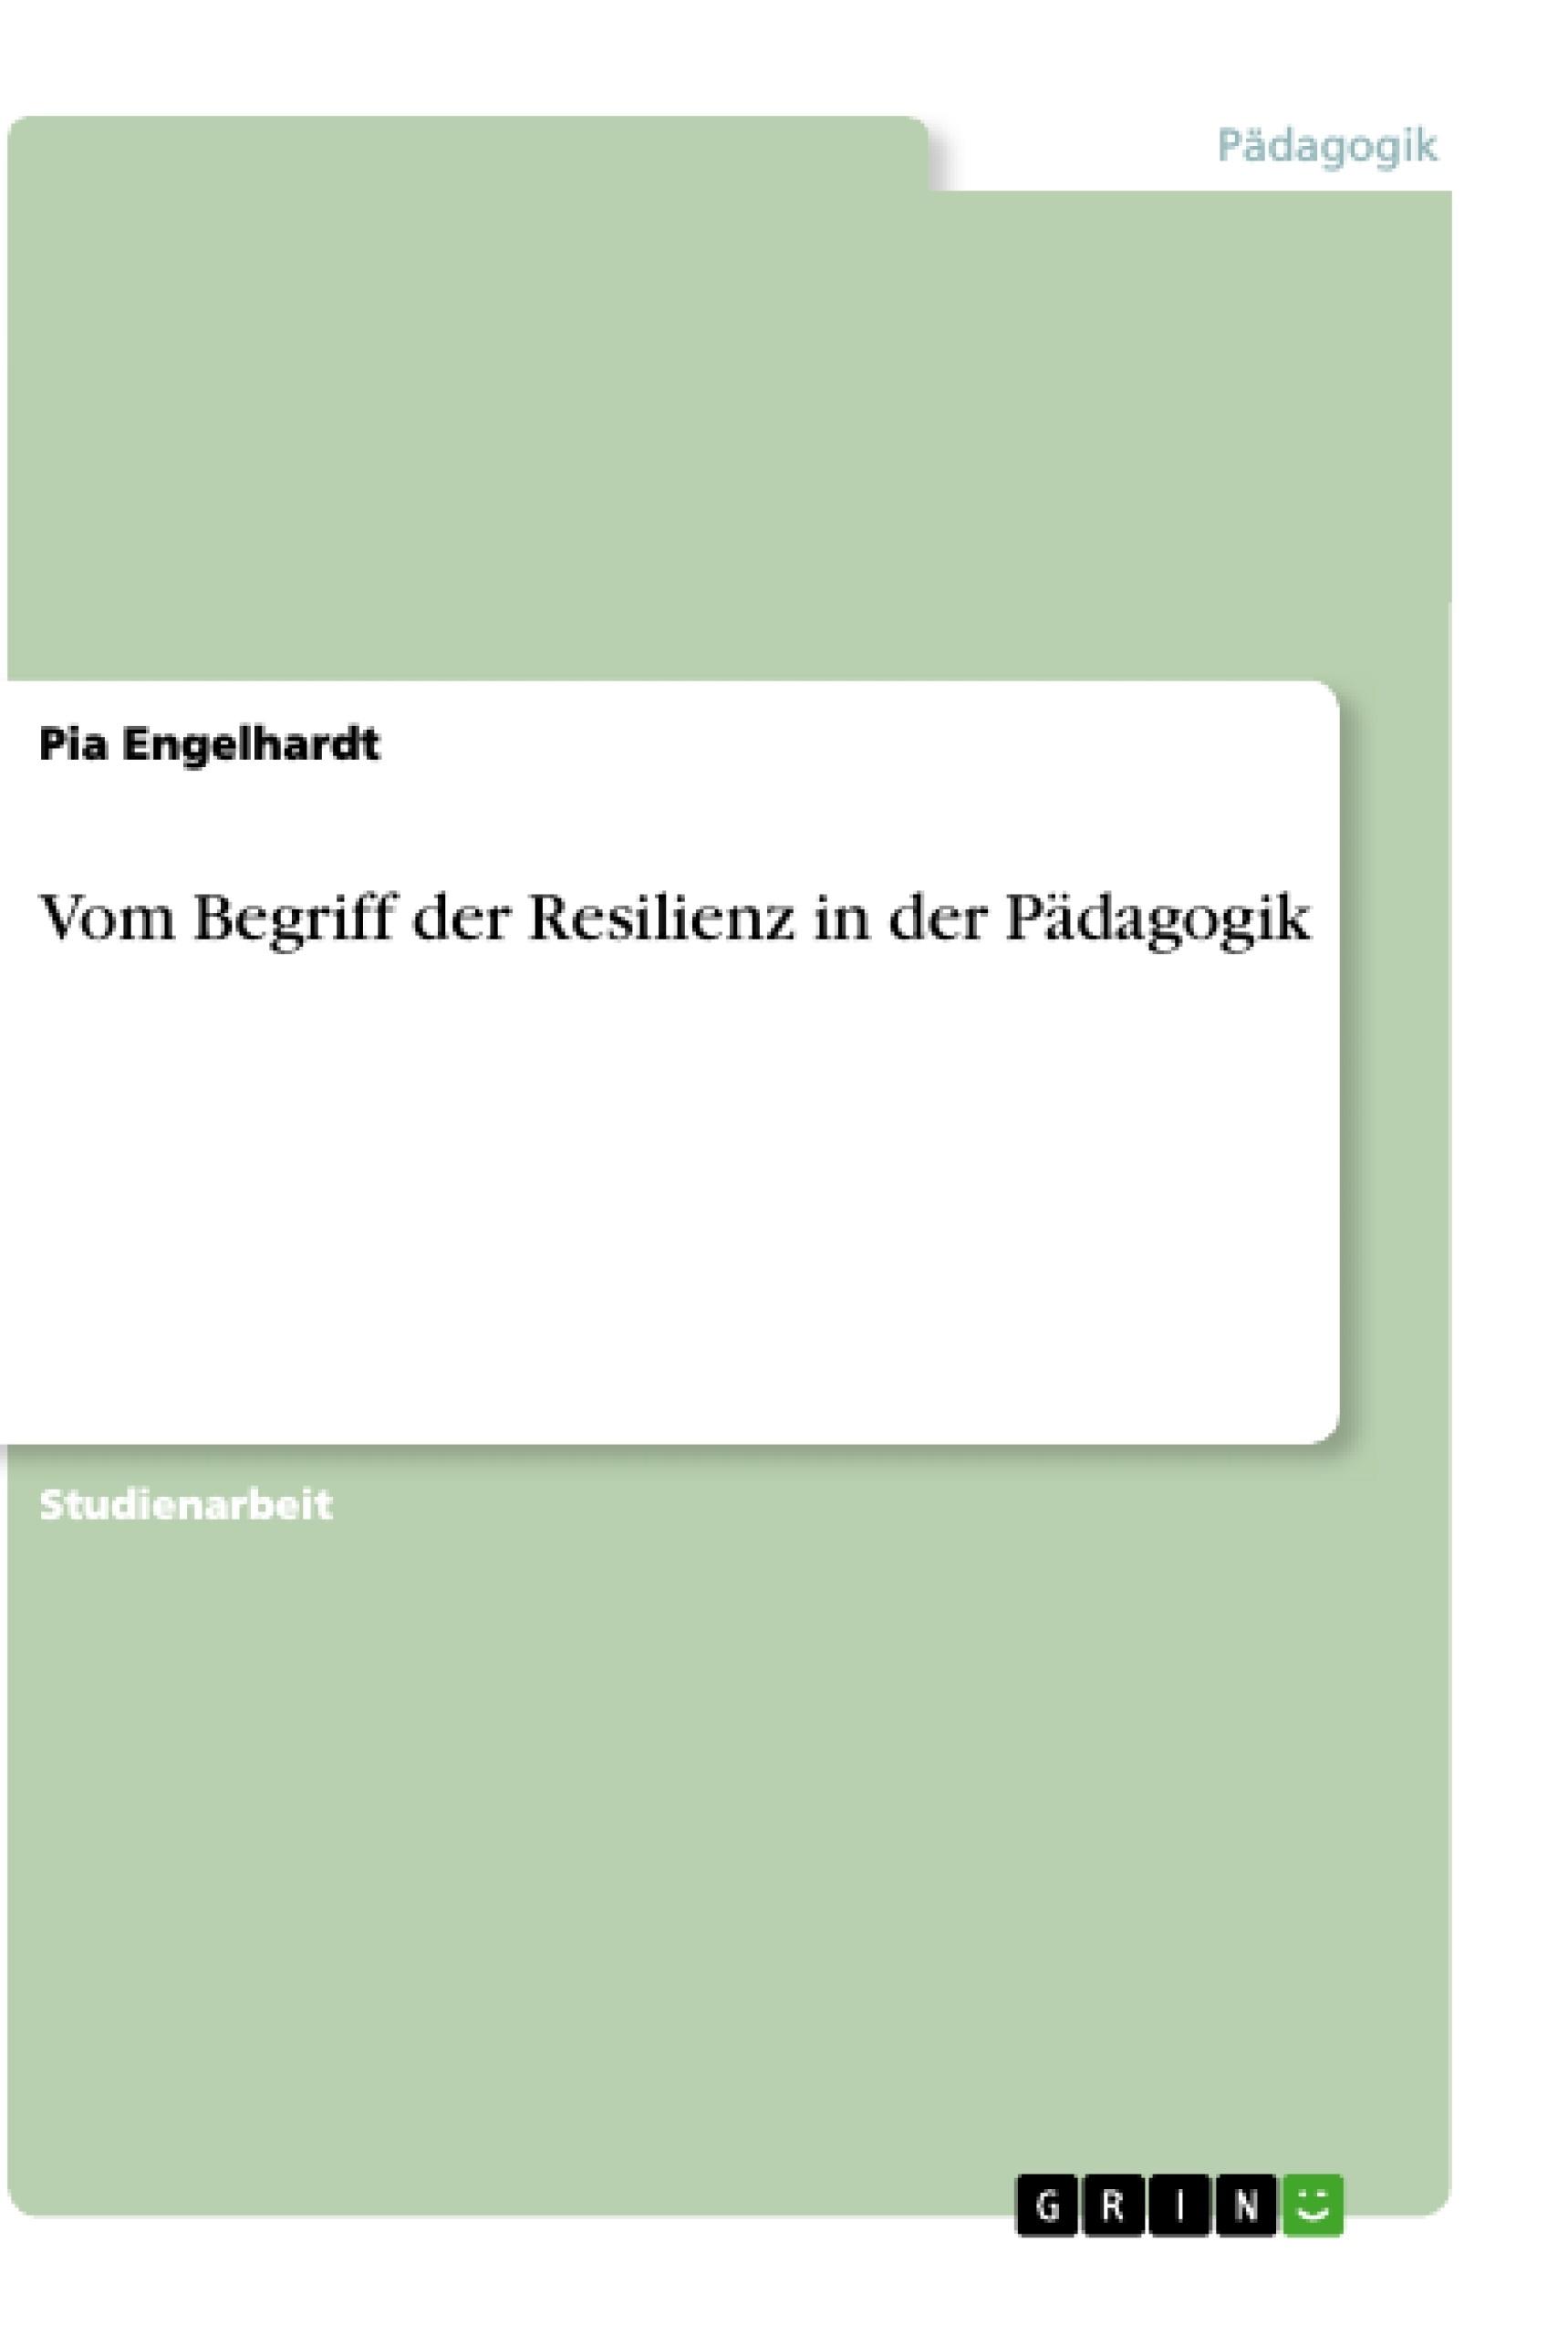 Titel: Vom Begriff der Resilienz in der Pädagogik